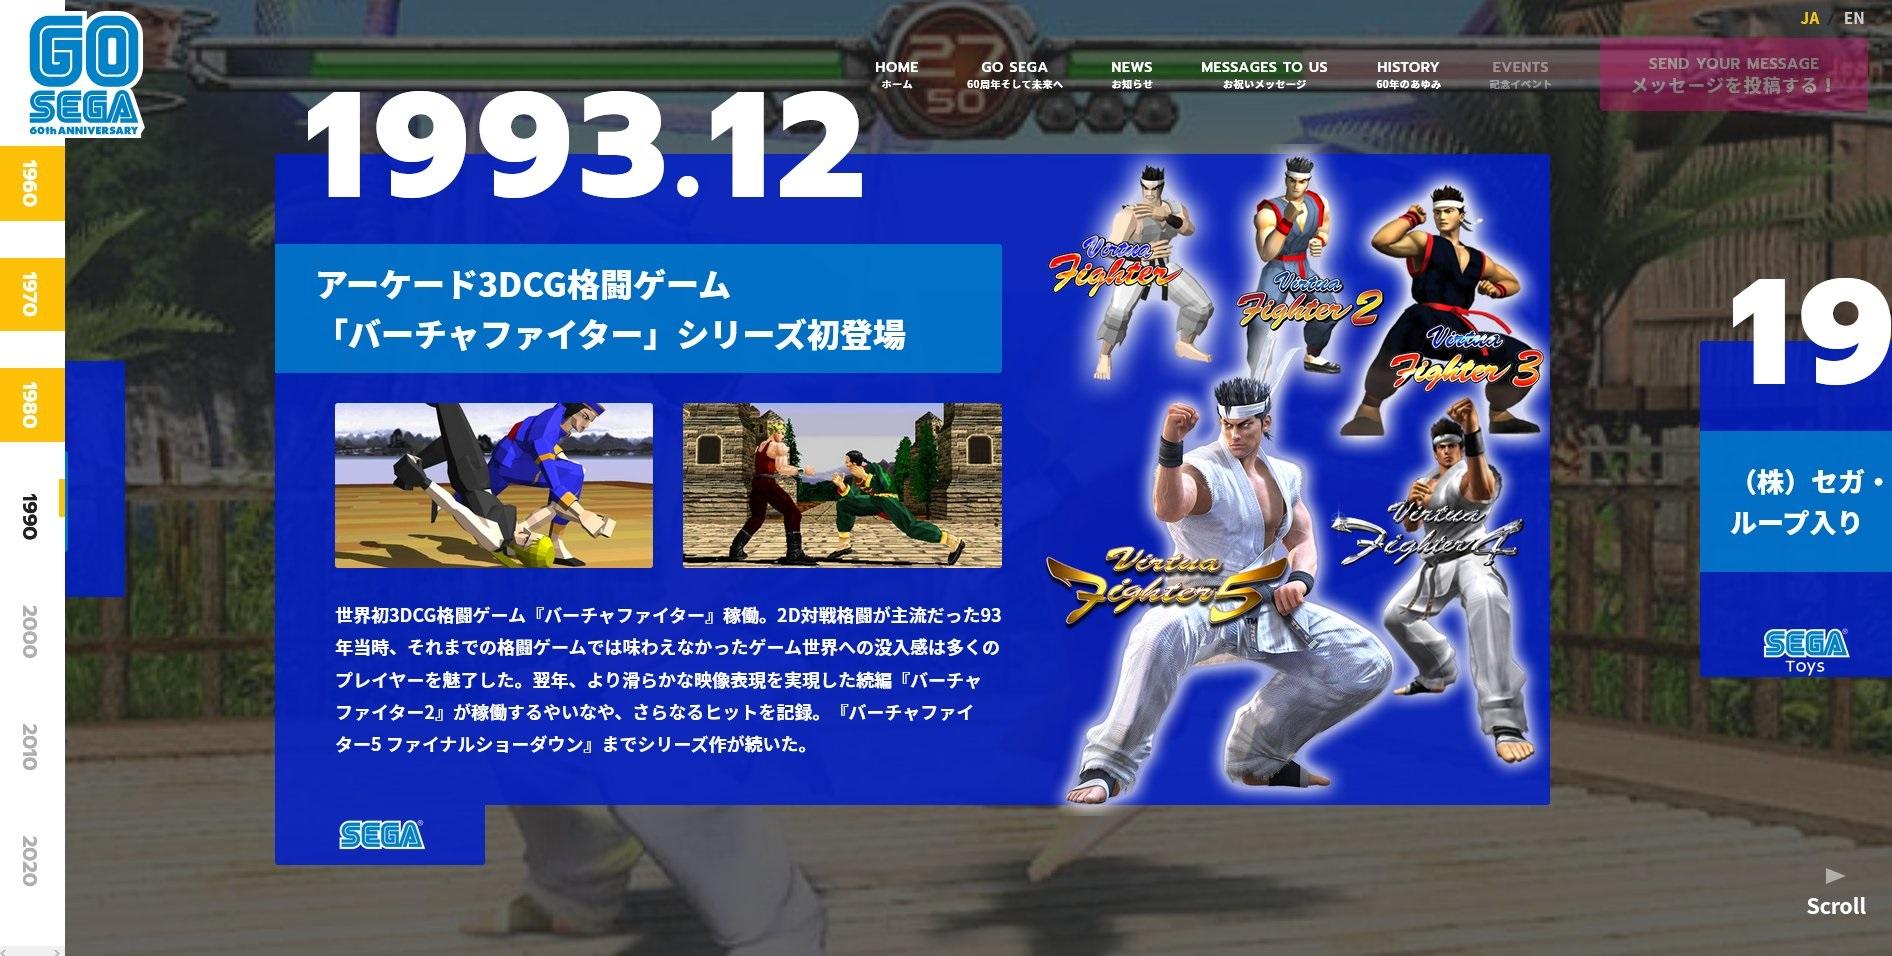 VF Sega 60 JP.jpg